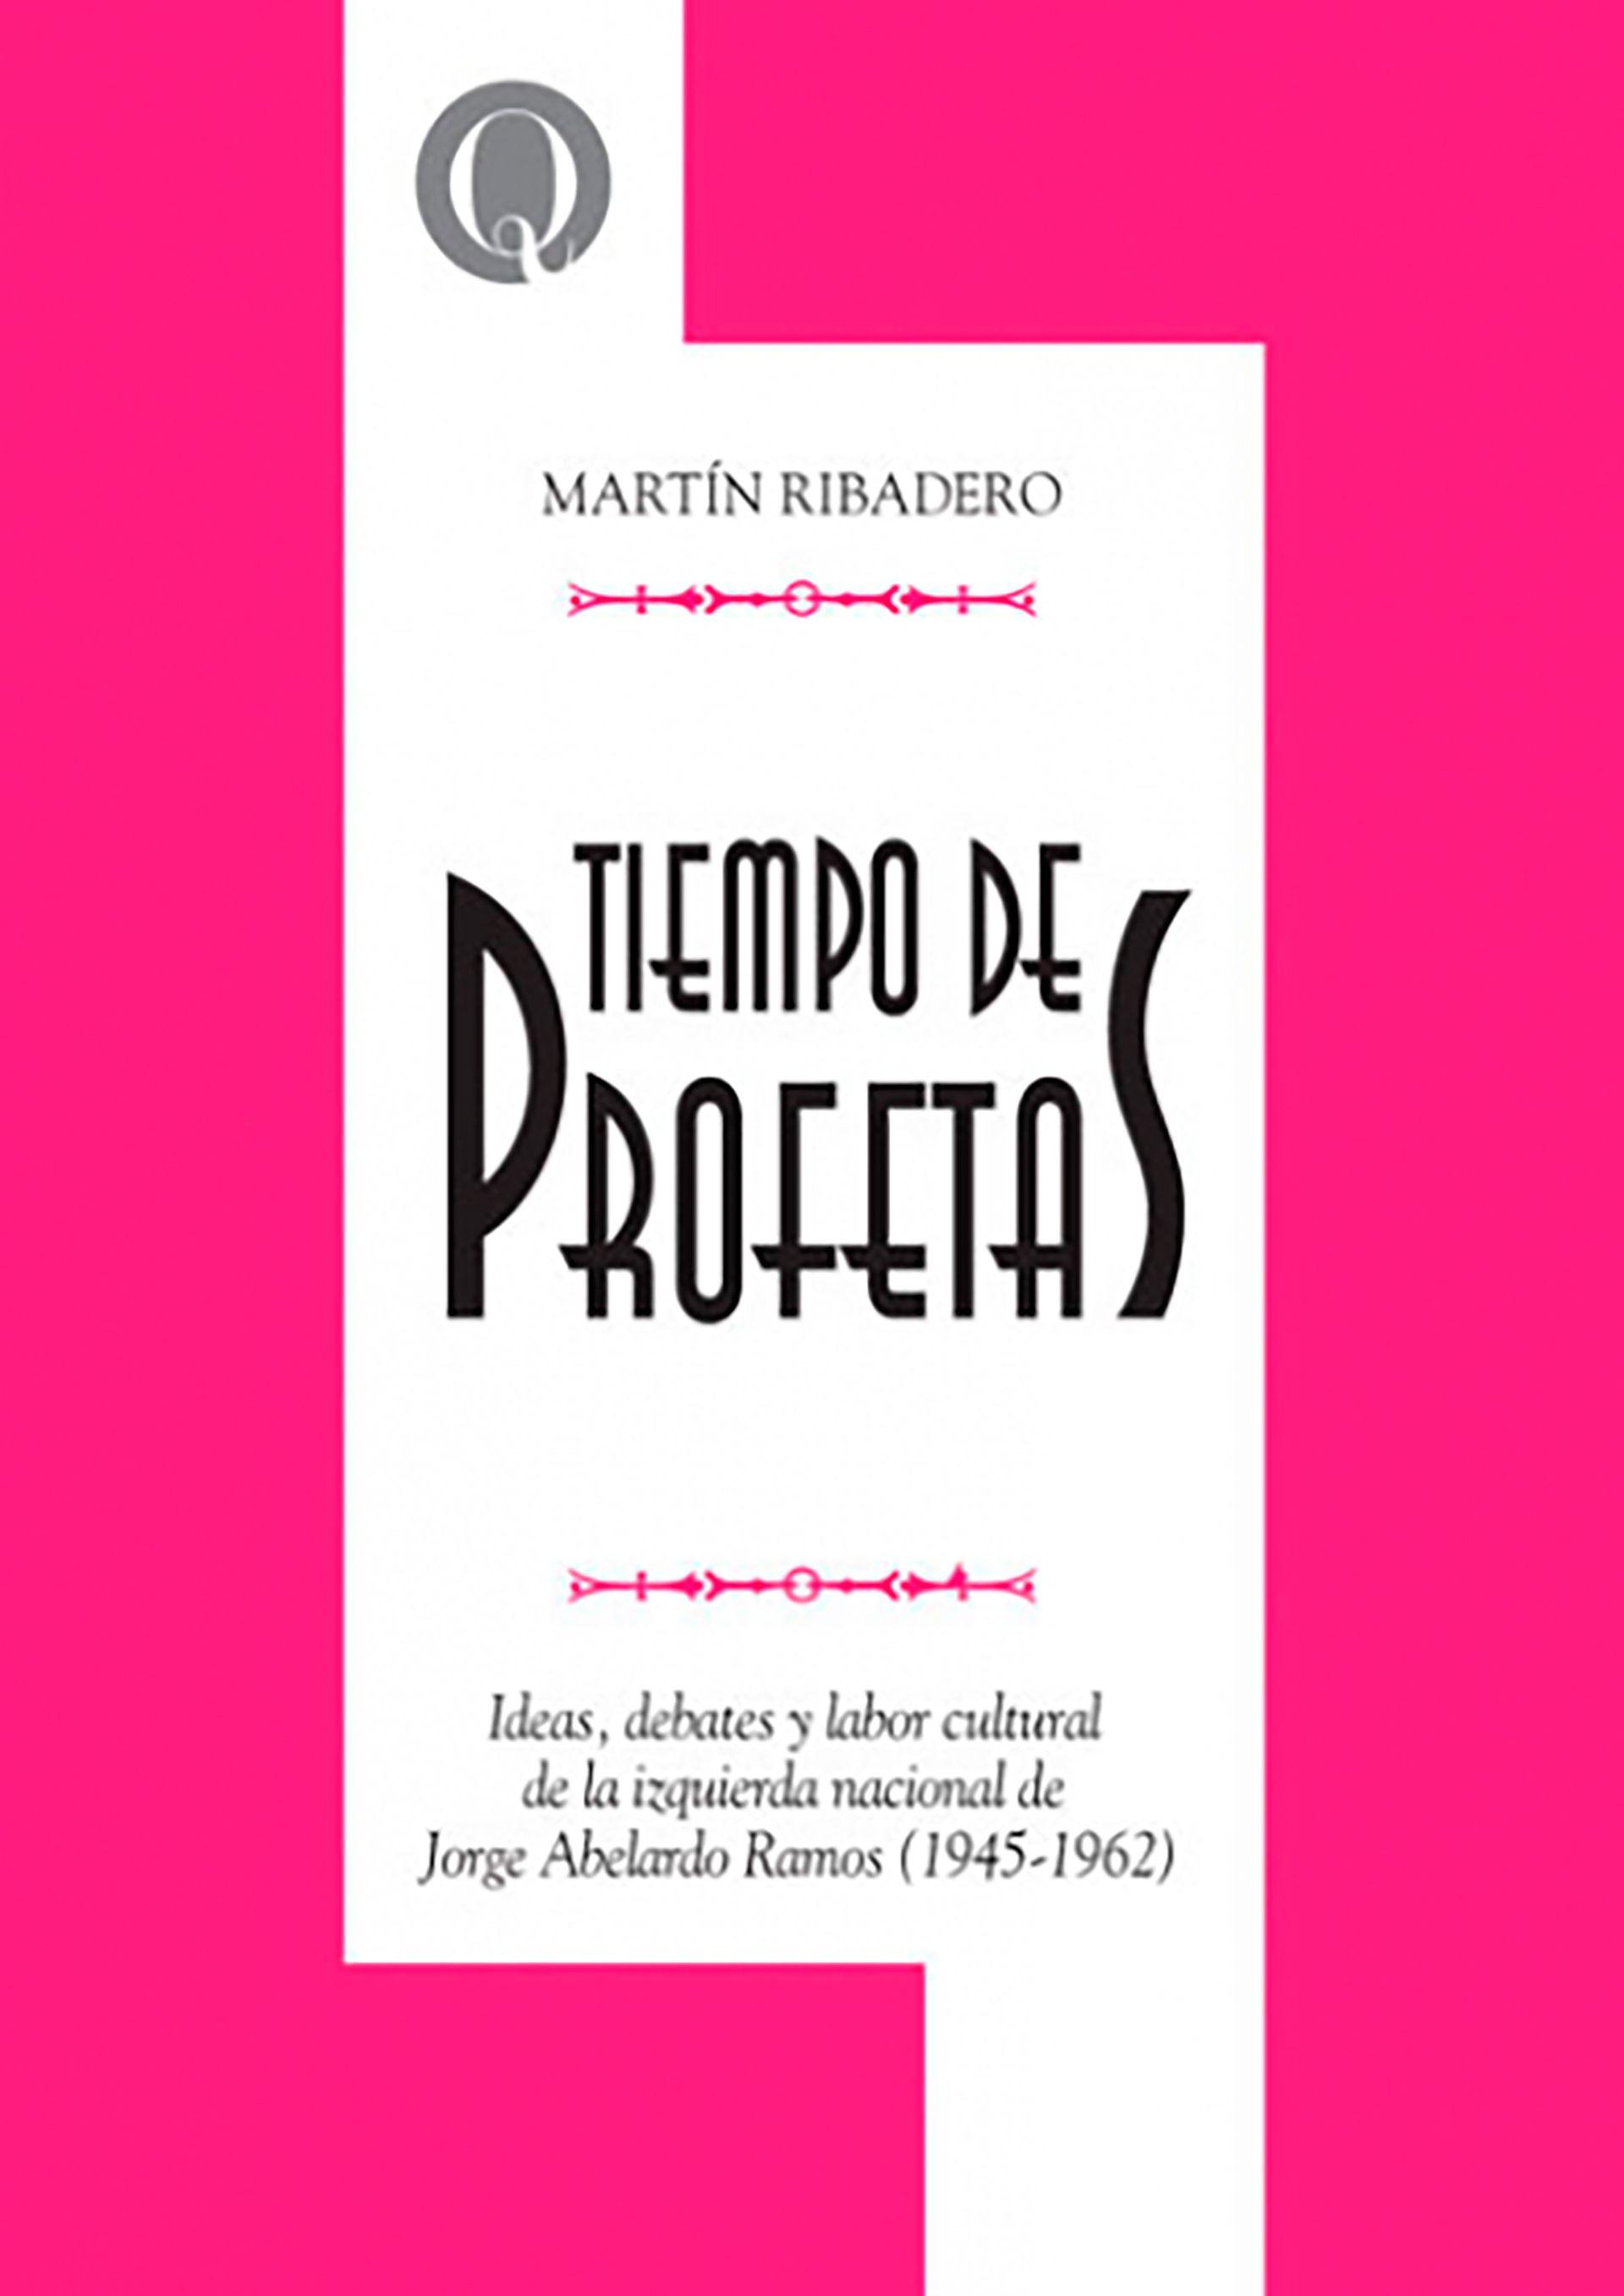 Martín Ribadero libro Jorge Abelardo Ramos